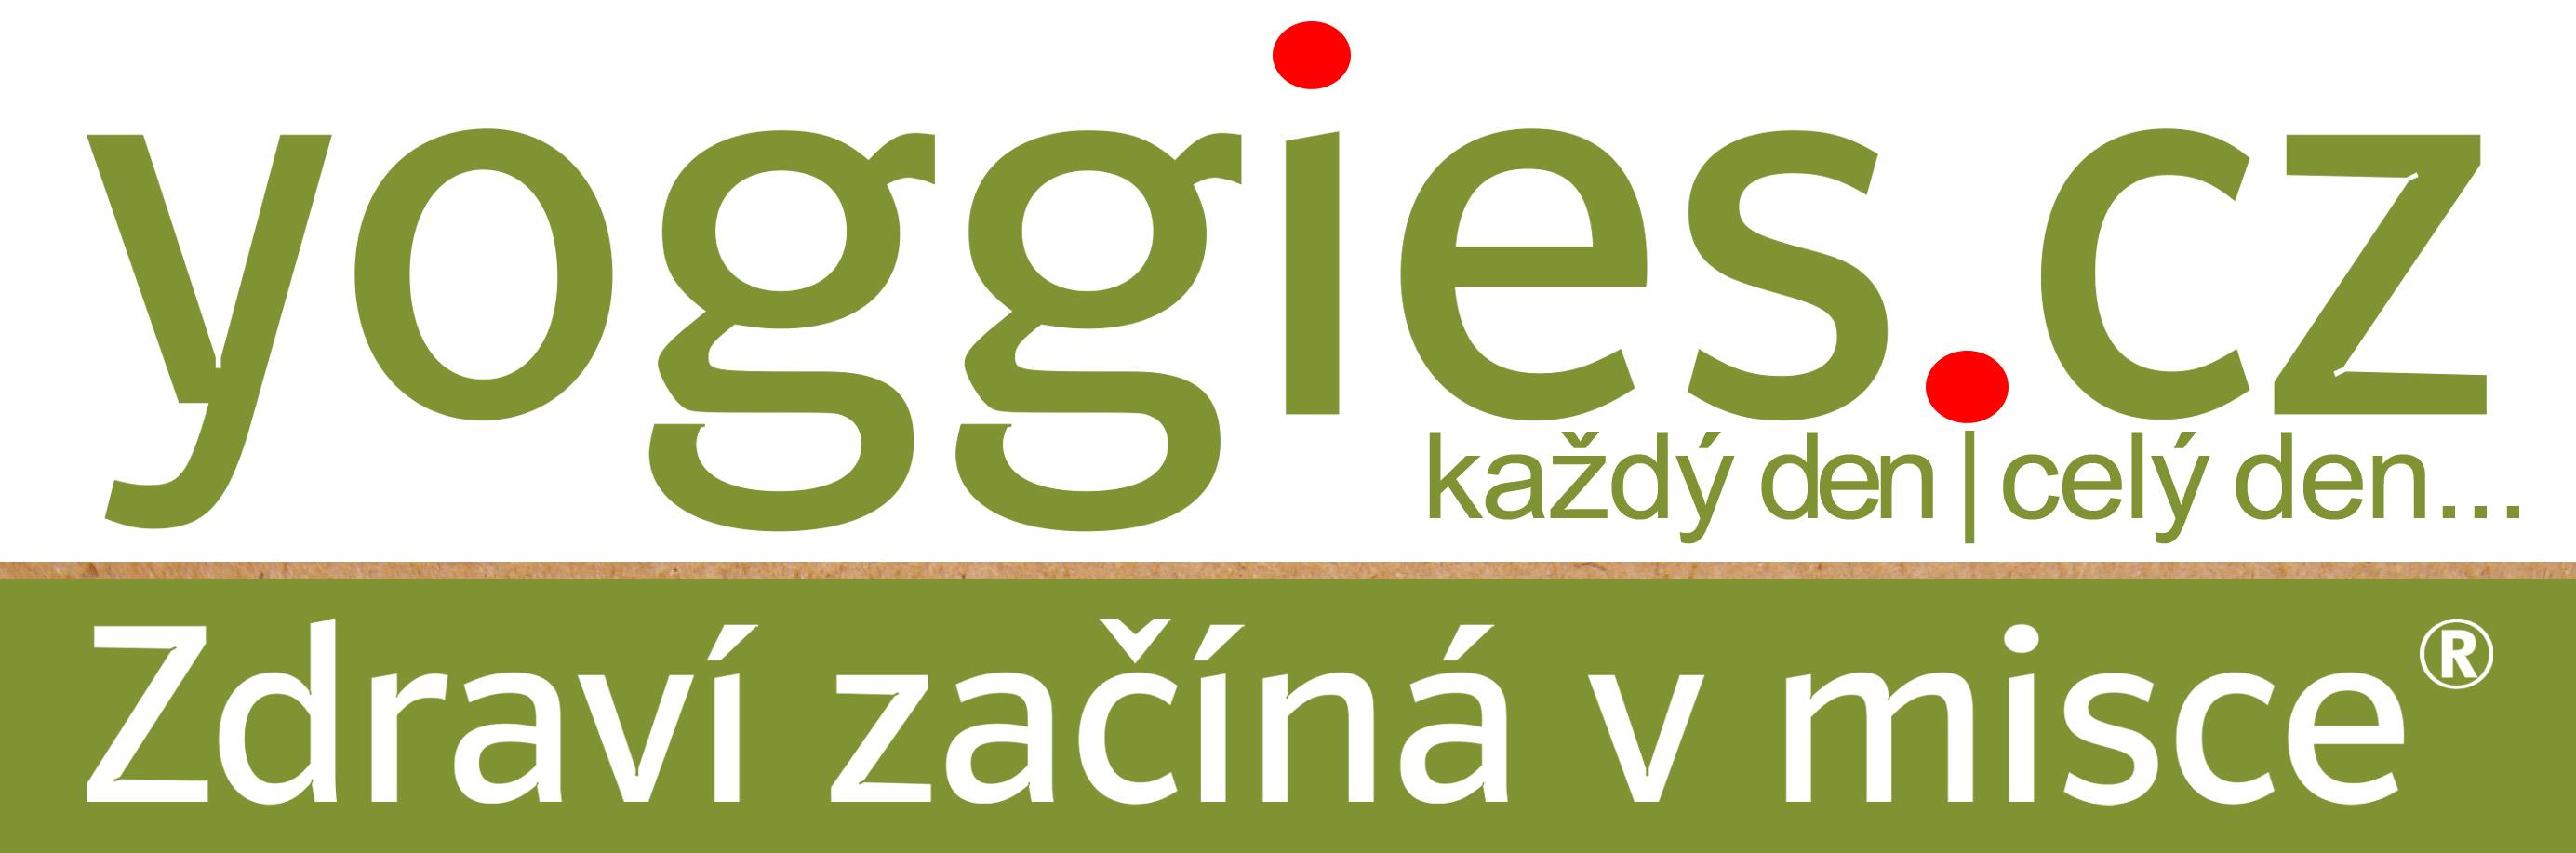 Yoggies